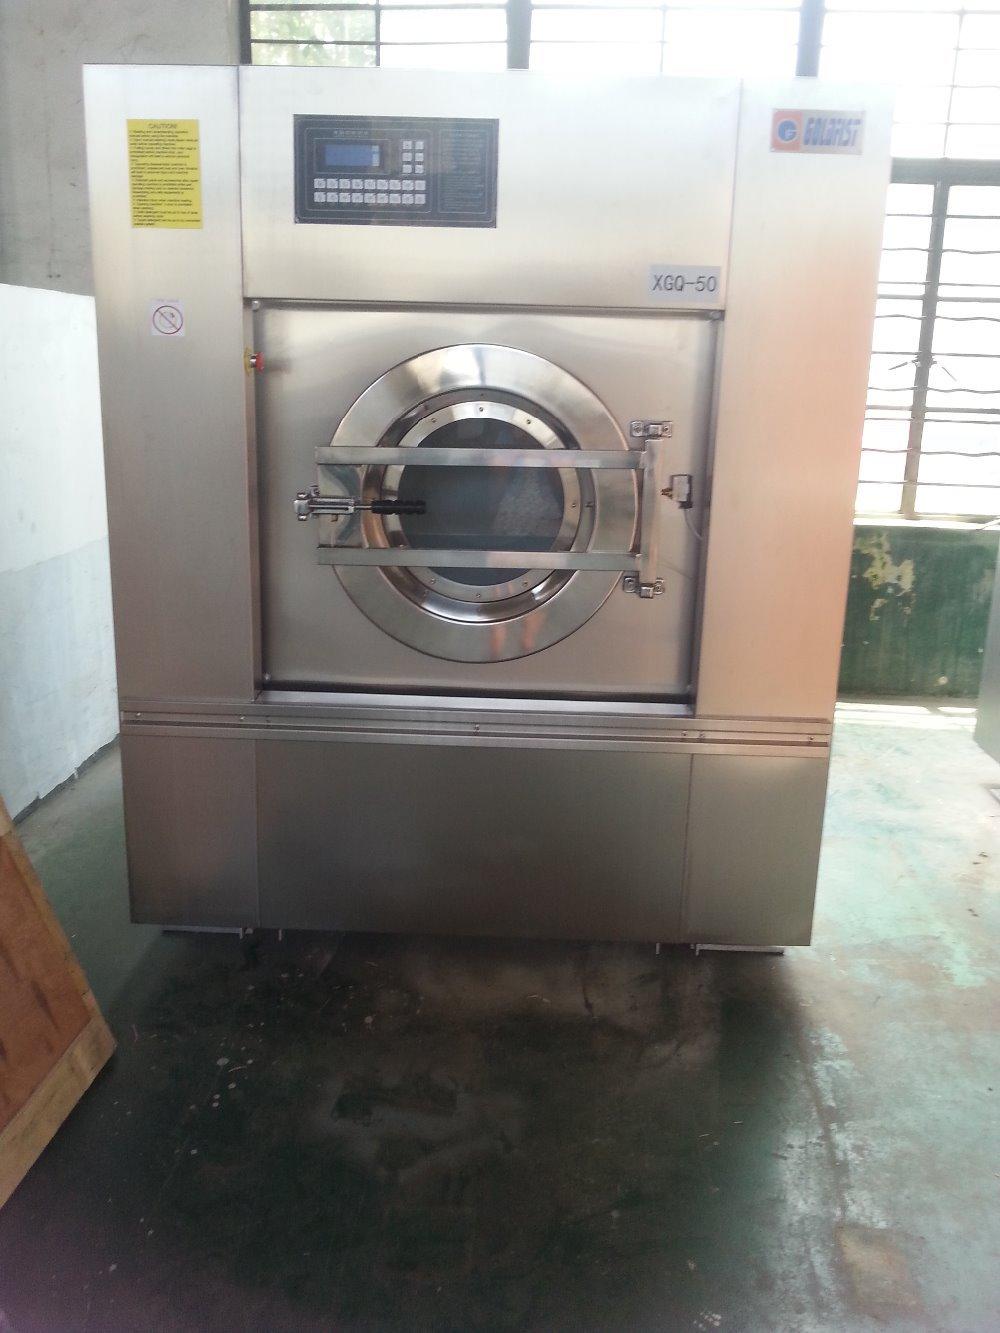 10-100kg washer extractor, industrial washing machine ,washer, laundry equipment, washing machine, finishing equipment(China (Mainland))